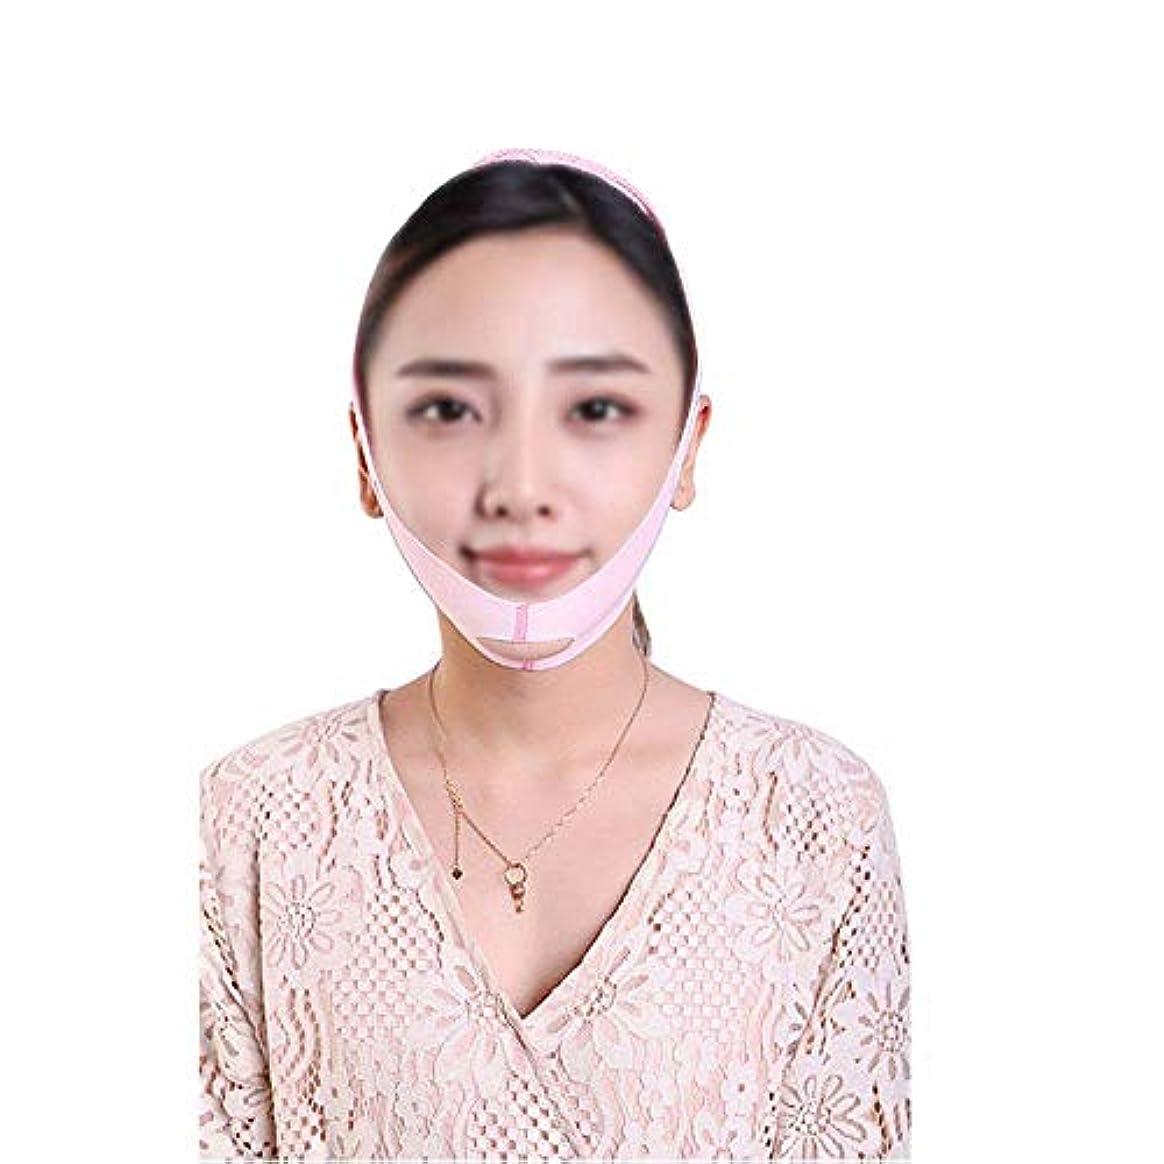 努力残基器官フェイスリフティングマスク、引き締めおよびリフティングアンチフェイスドループアーティファクトスモールVフェイスバンデージマスク